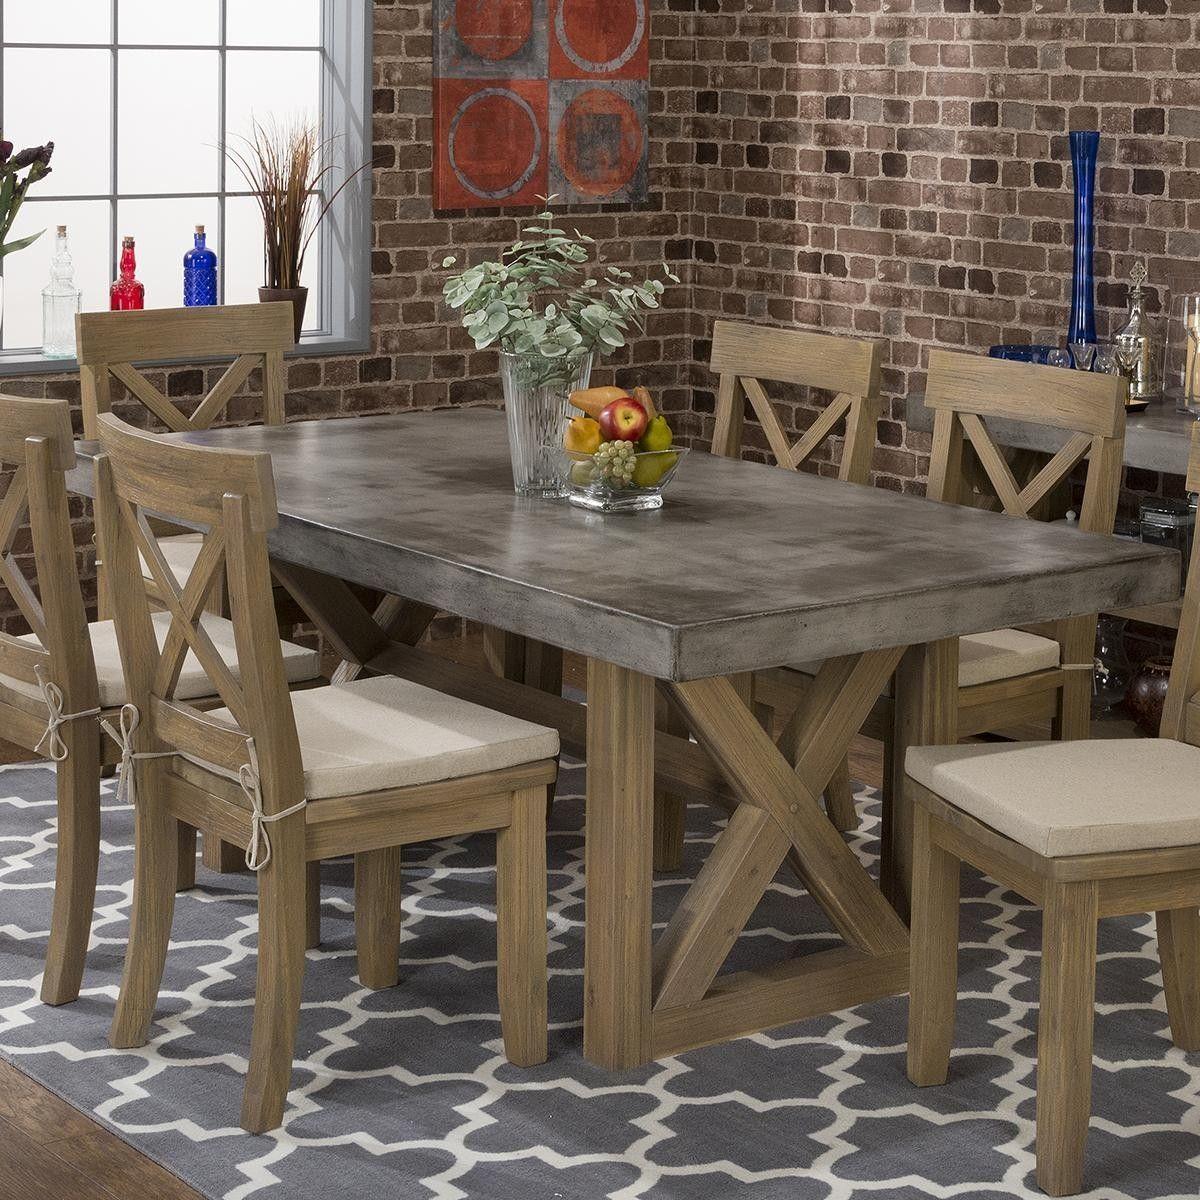 Dining Room Sets Nebraska Furniture Mart Dining Room Tables